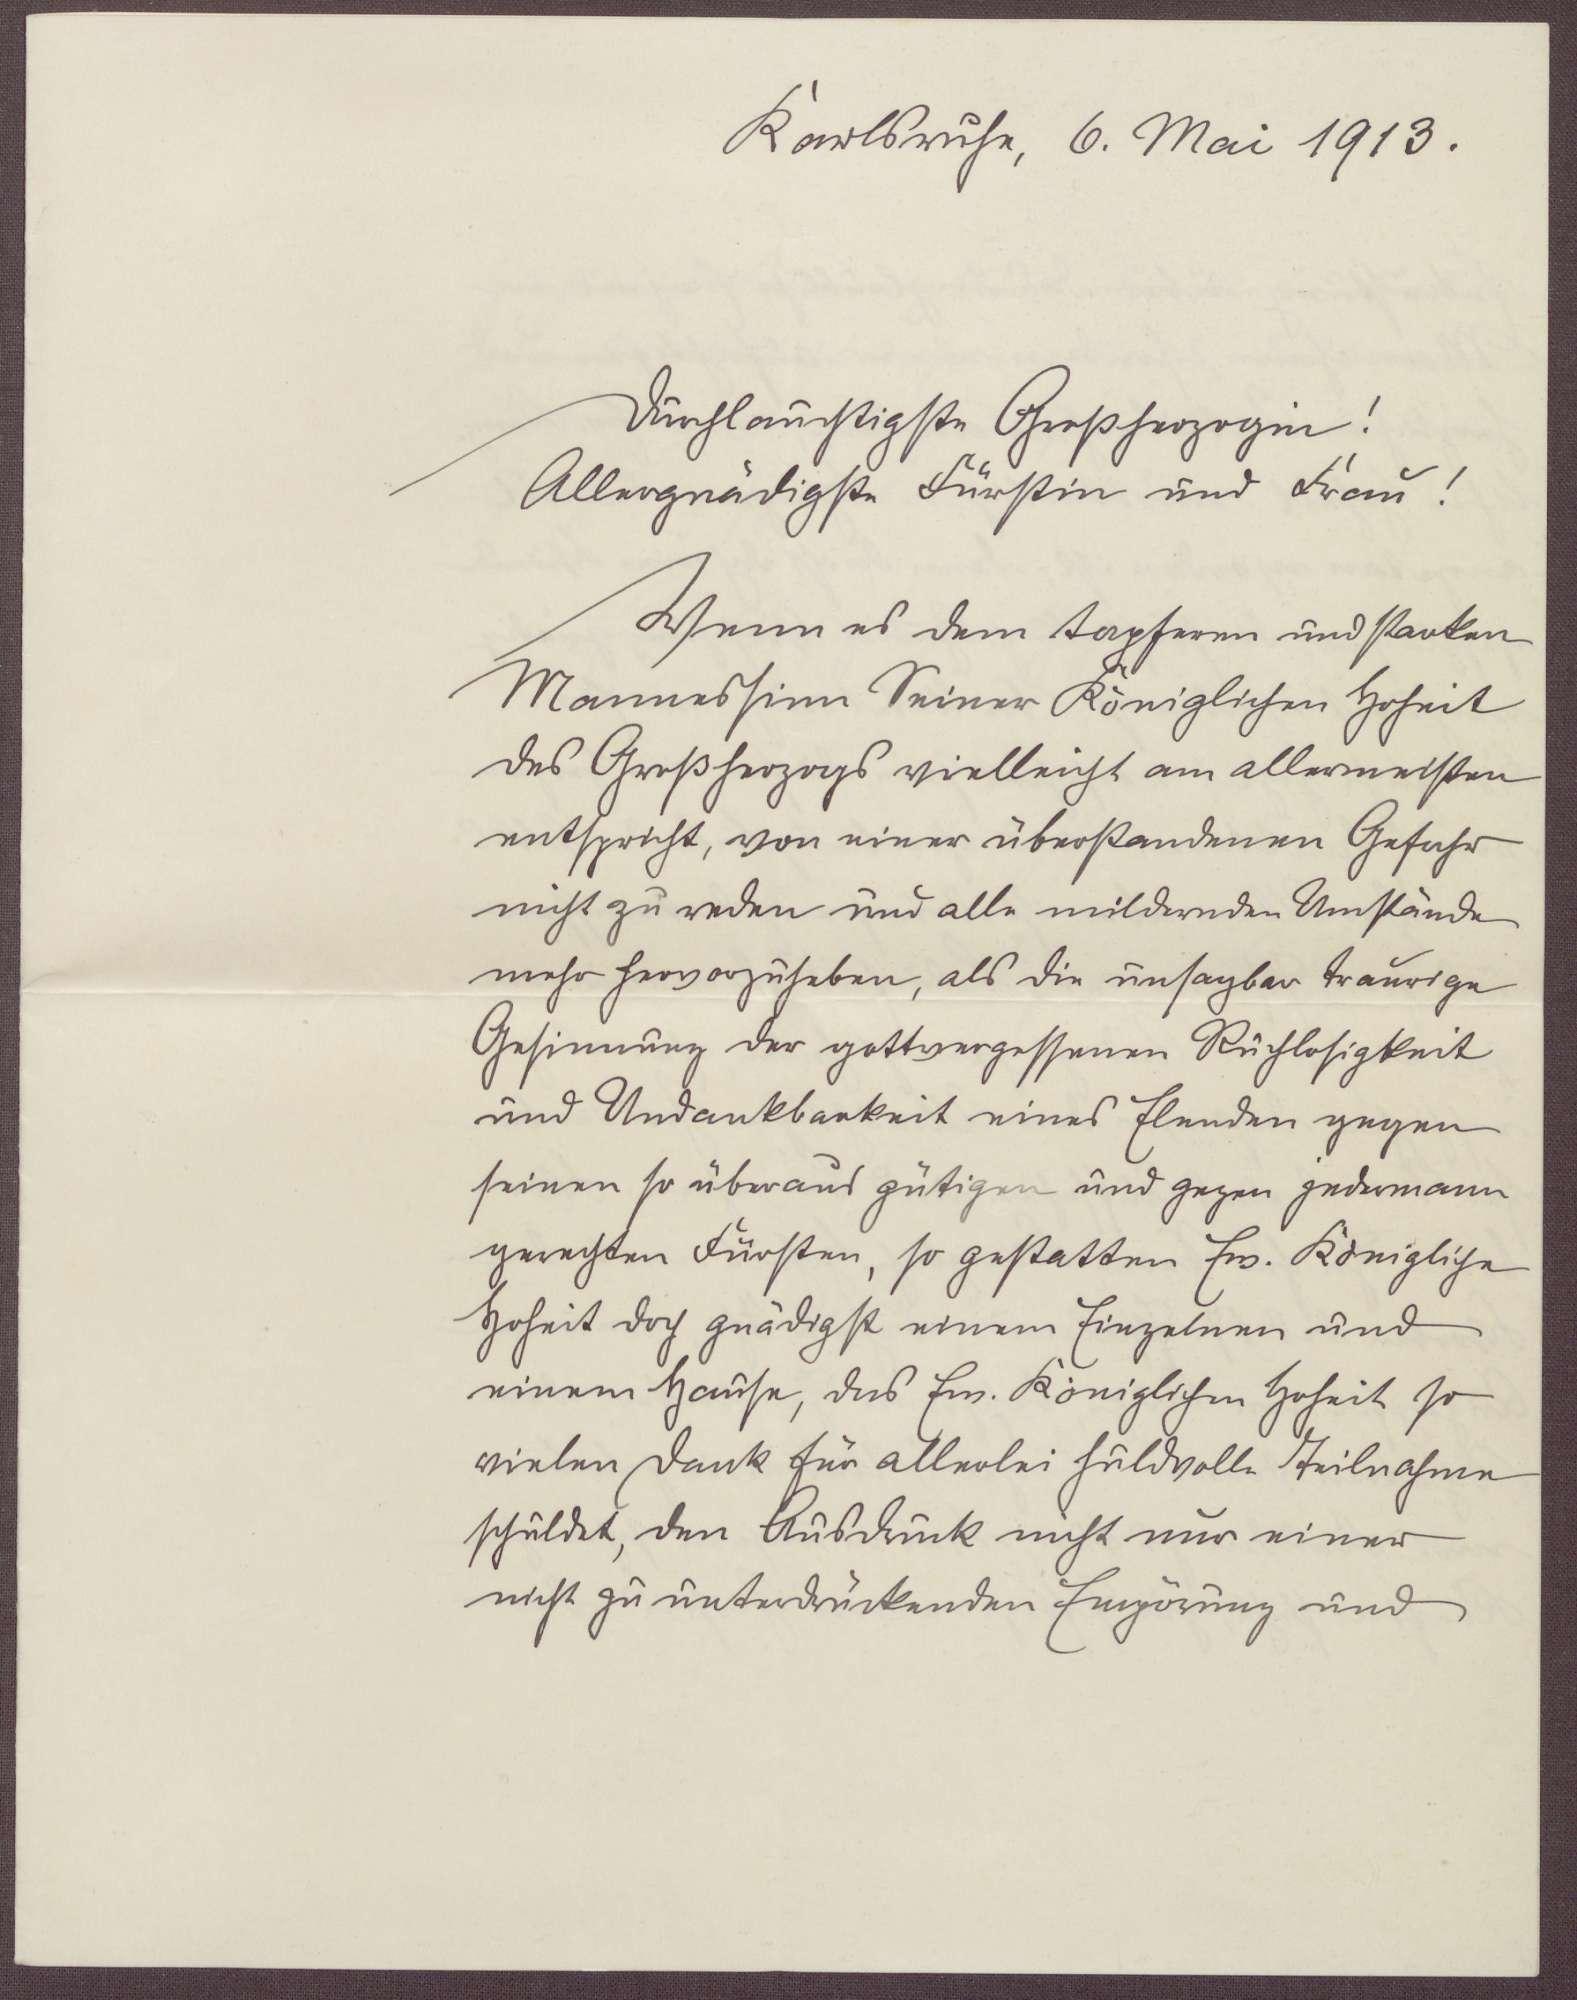 Schreiben von Friedrich Katz an die Großherzogin Luise; trauriger Vorfall mit dem Großherzog Friedrich II. in Mannheim, Bild 1